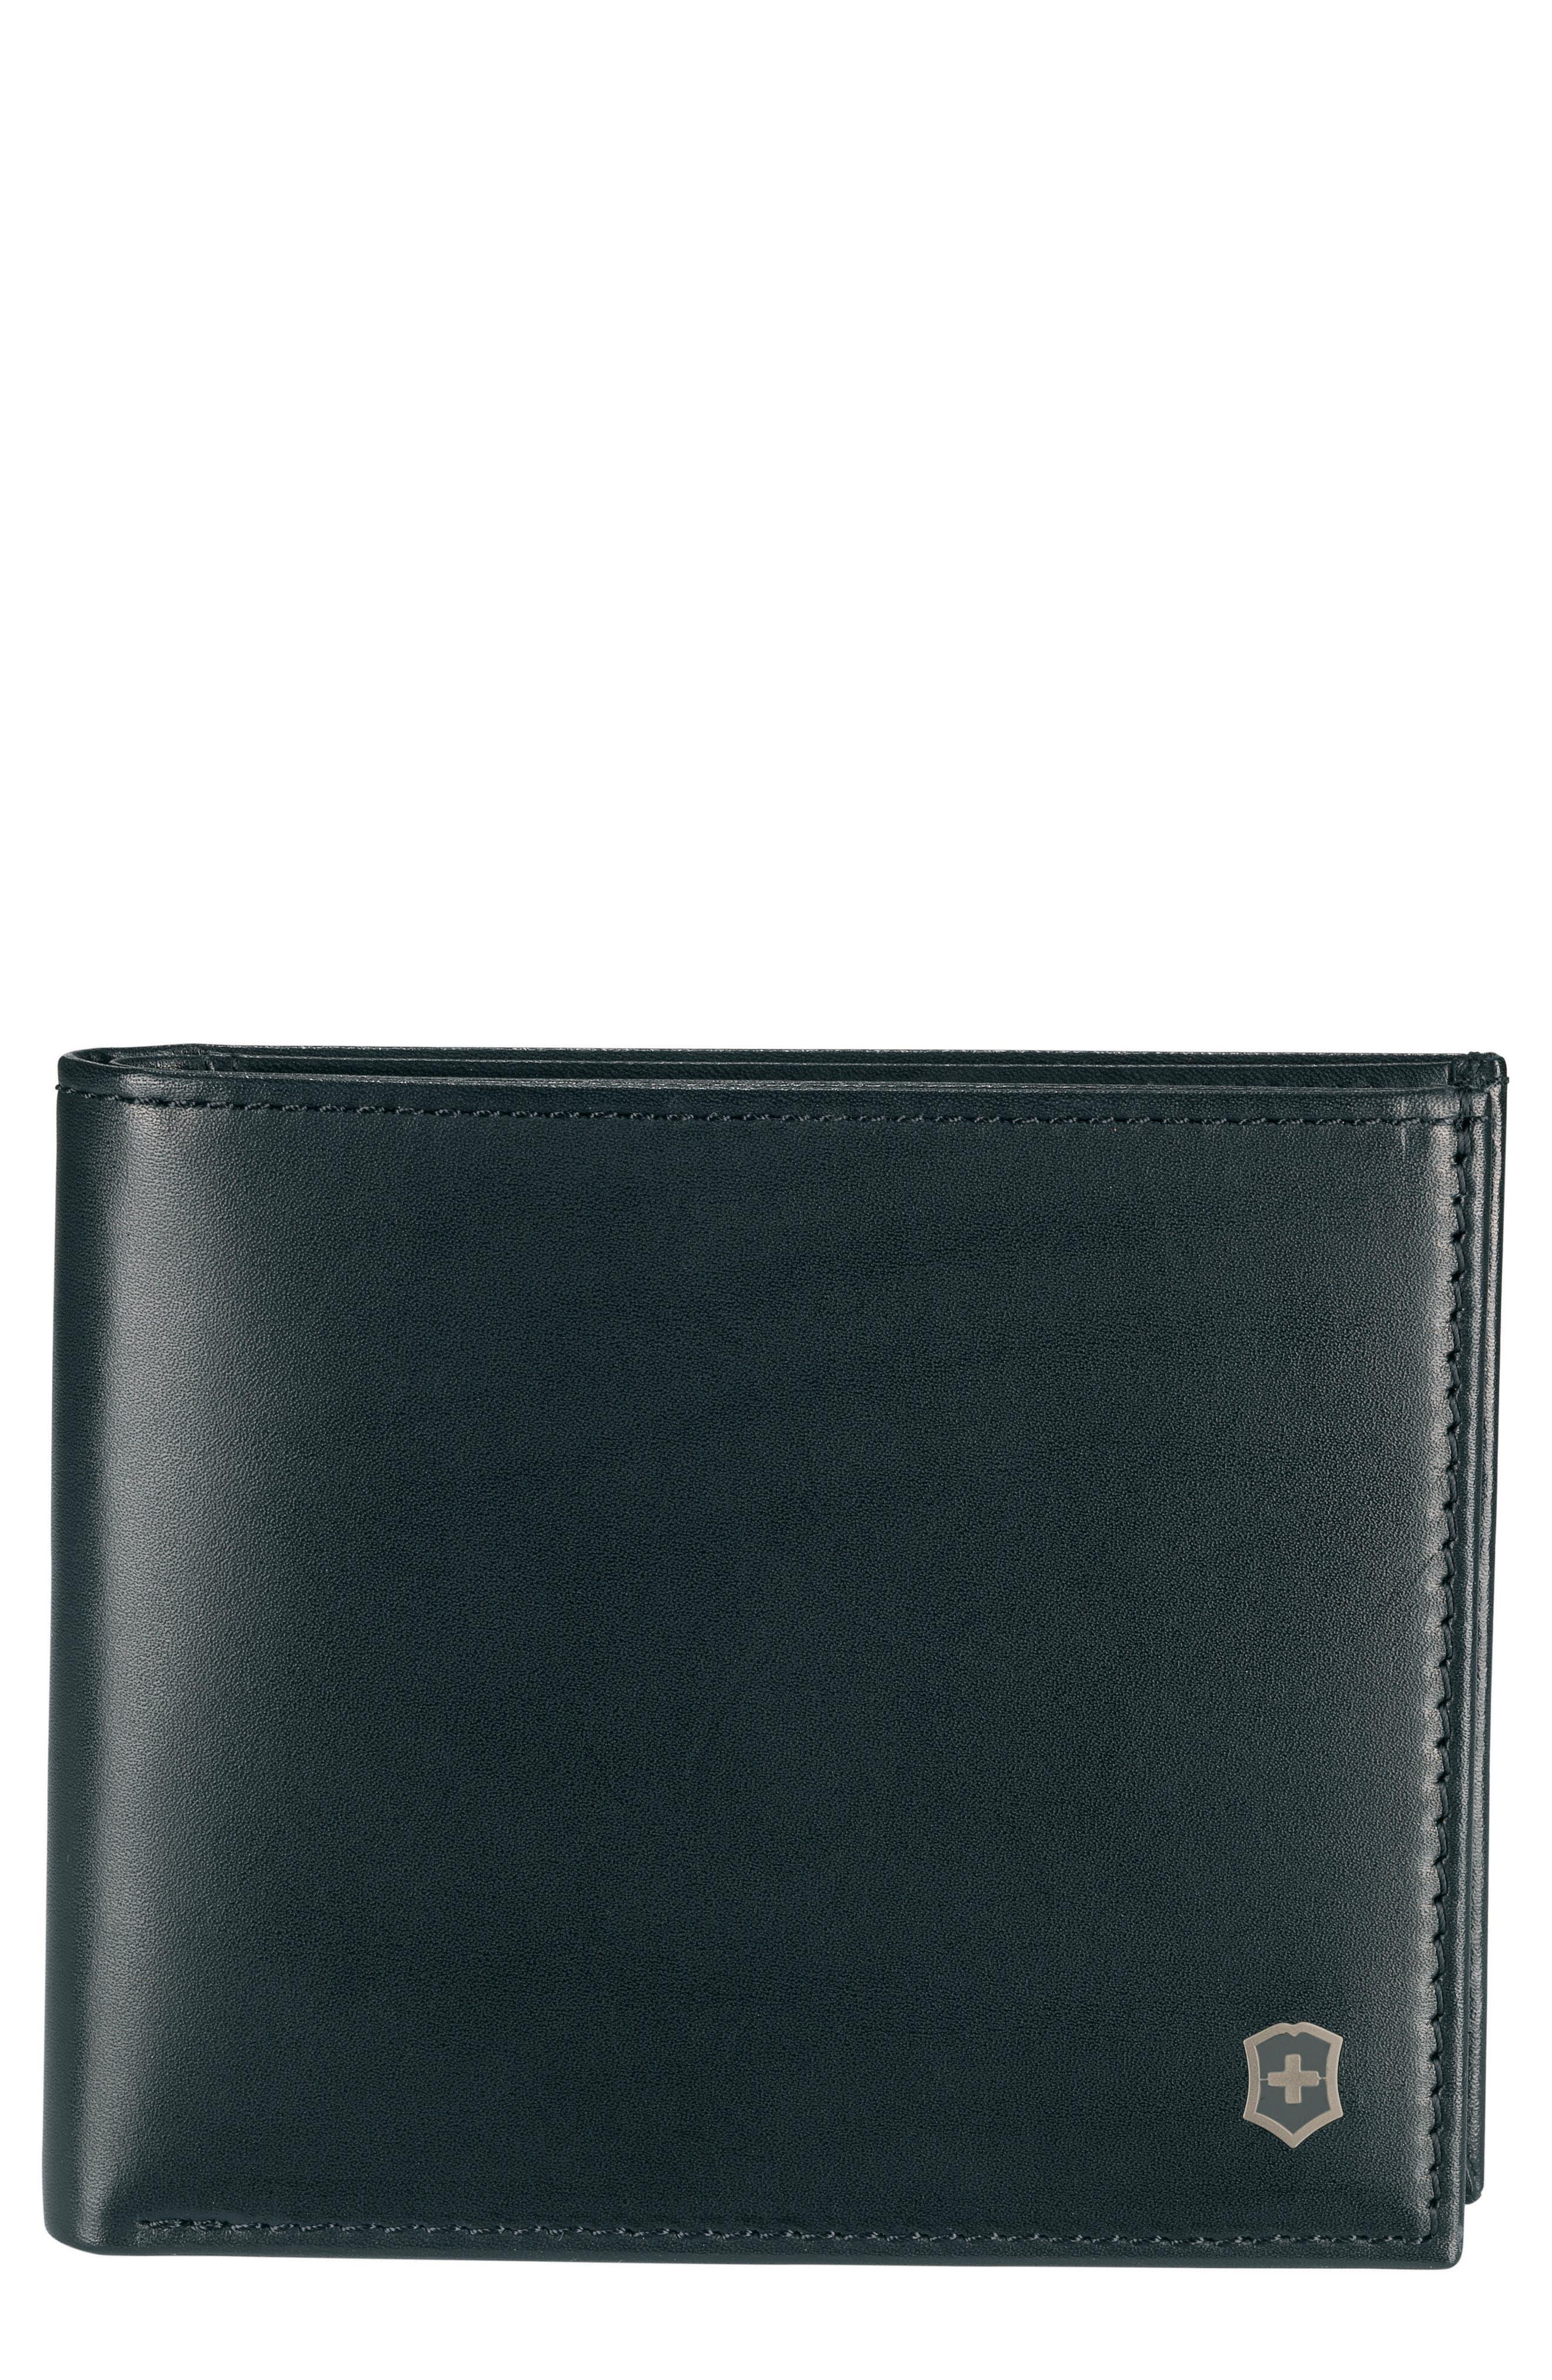 Altius Edge Fermat Wallet,                         Main,                         color, Black